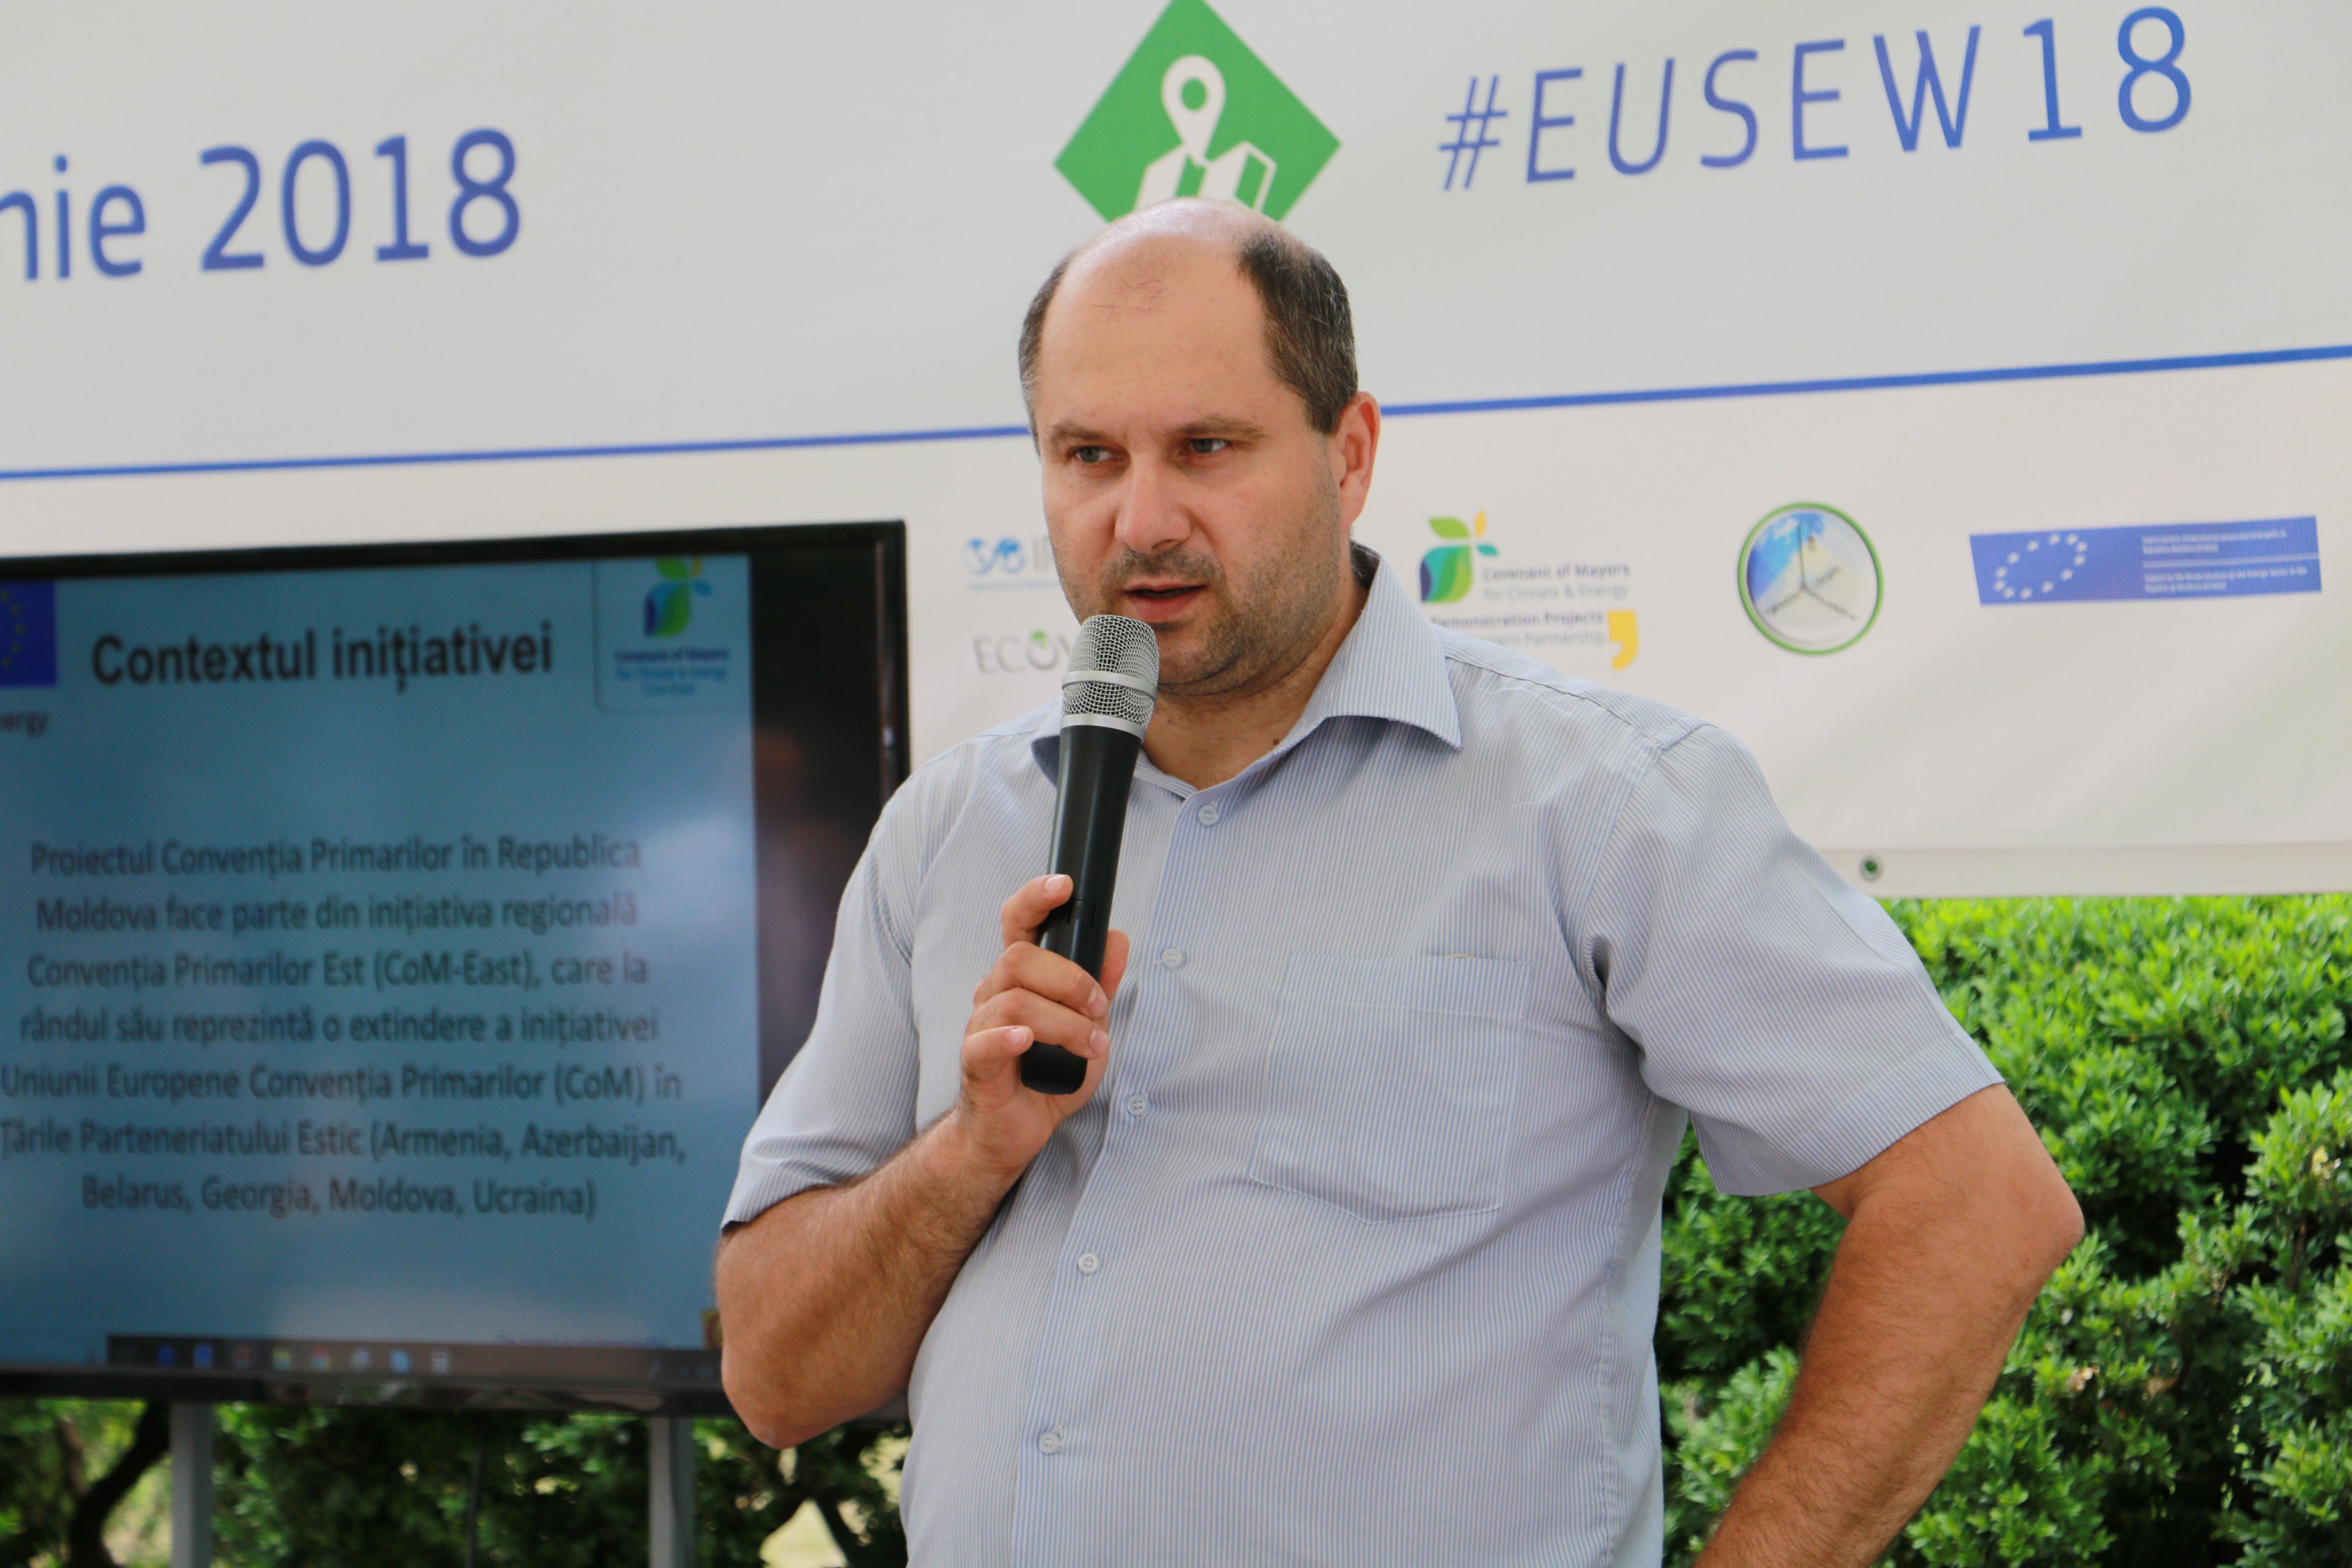 Primăriile din R. Moldova interesate de cea mai mare inițiativă europeană pentru energie și climă